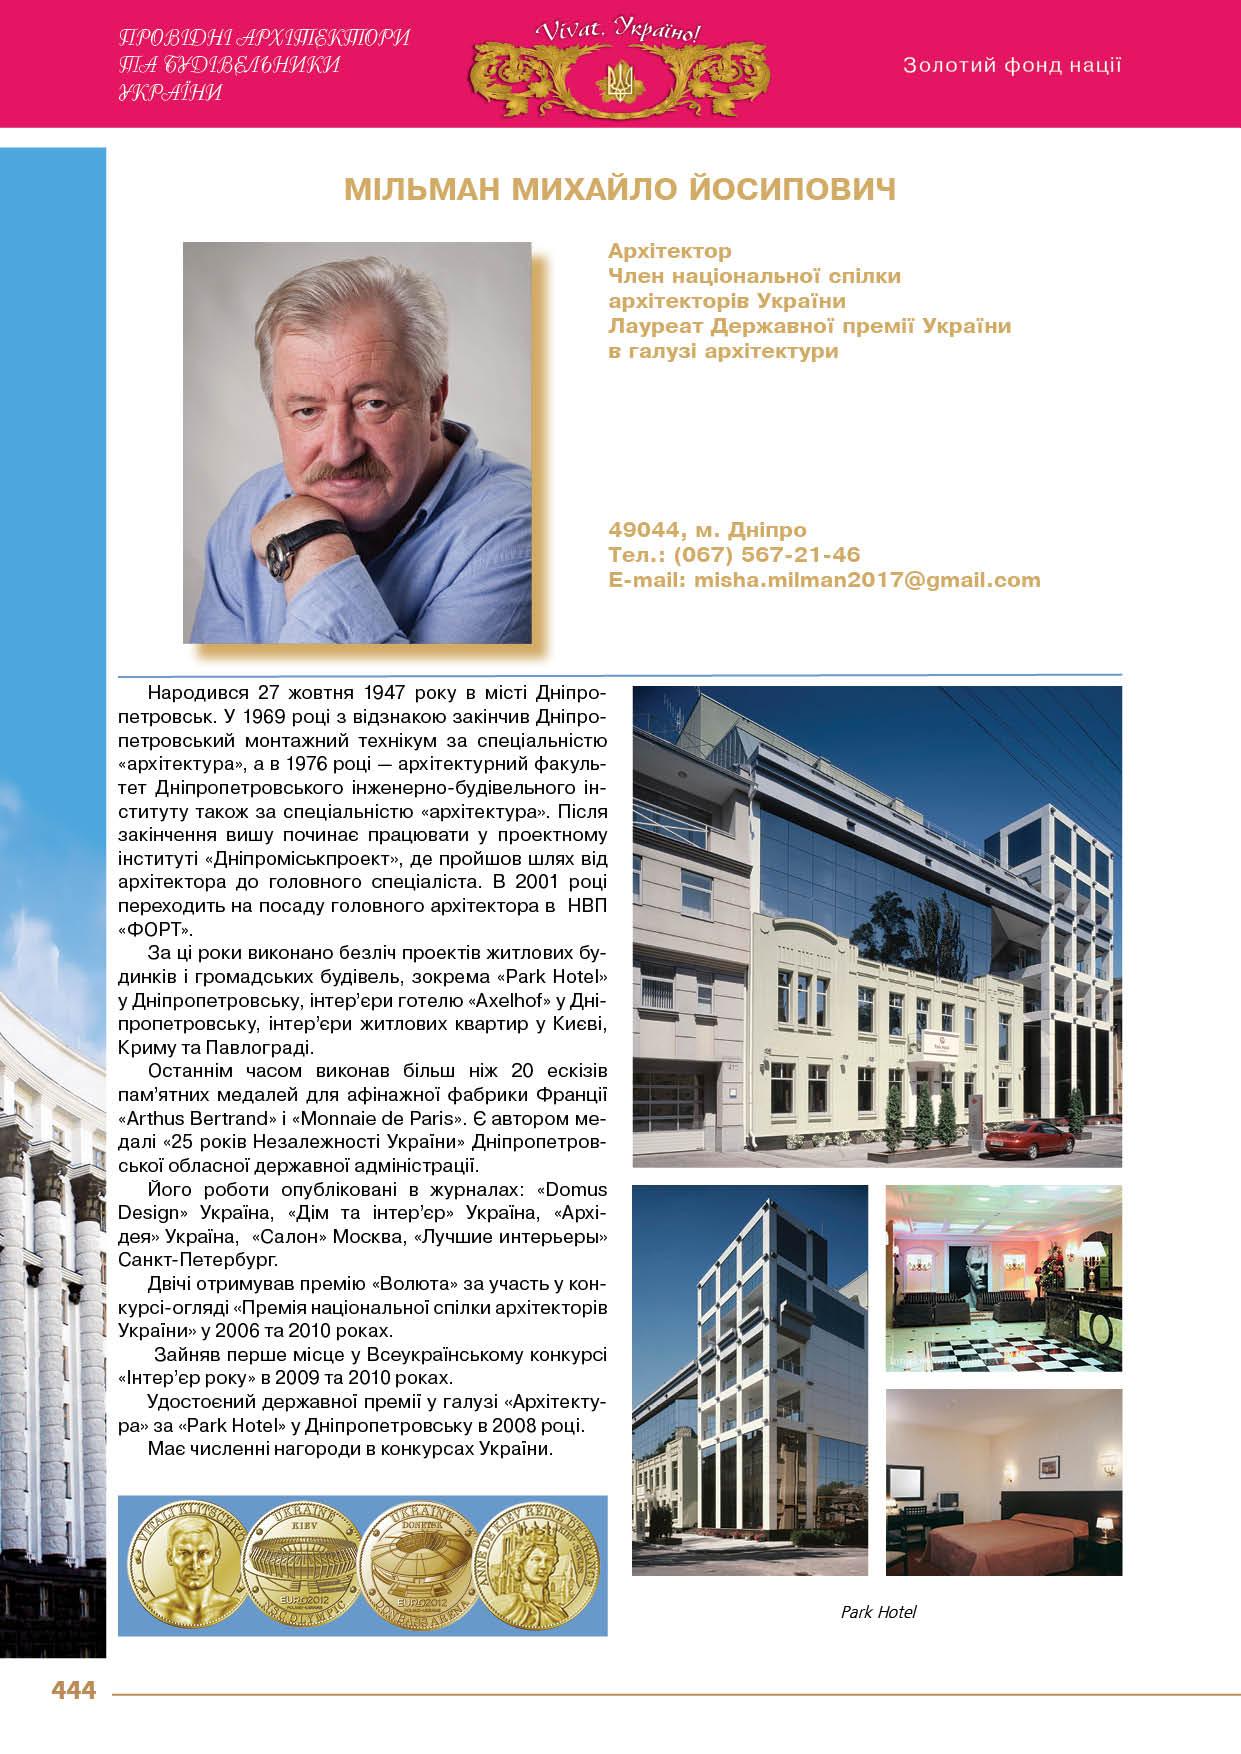 Мільман Михайло Йосипович